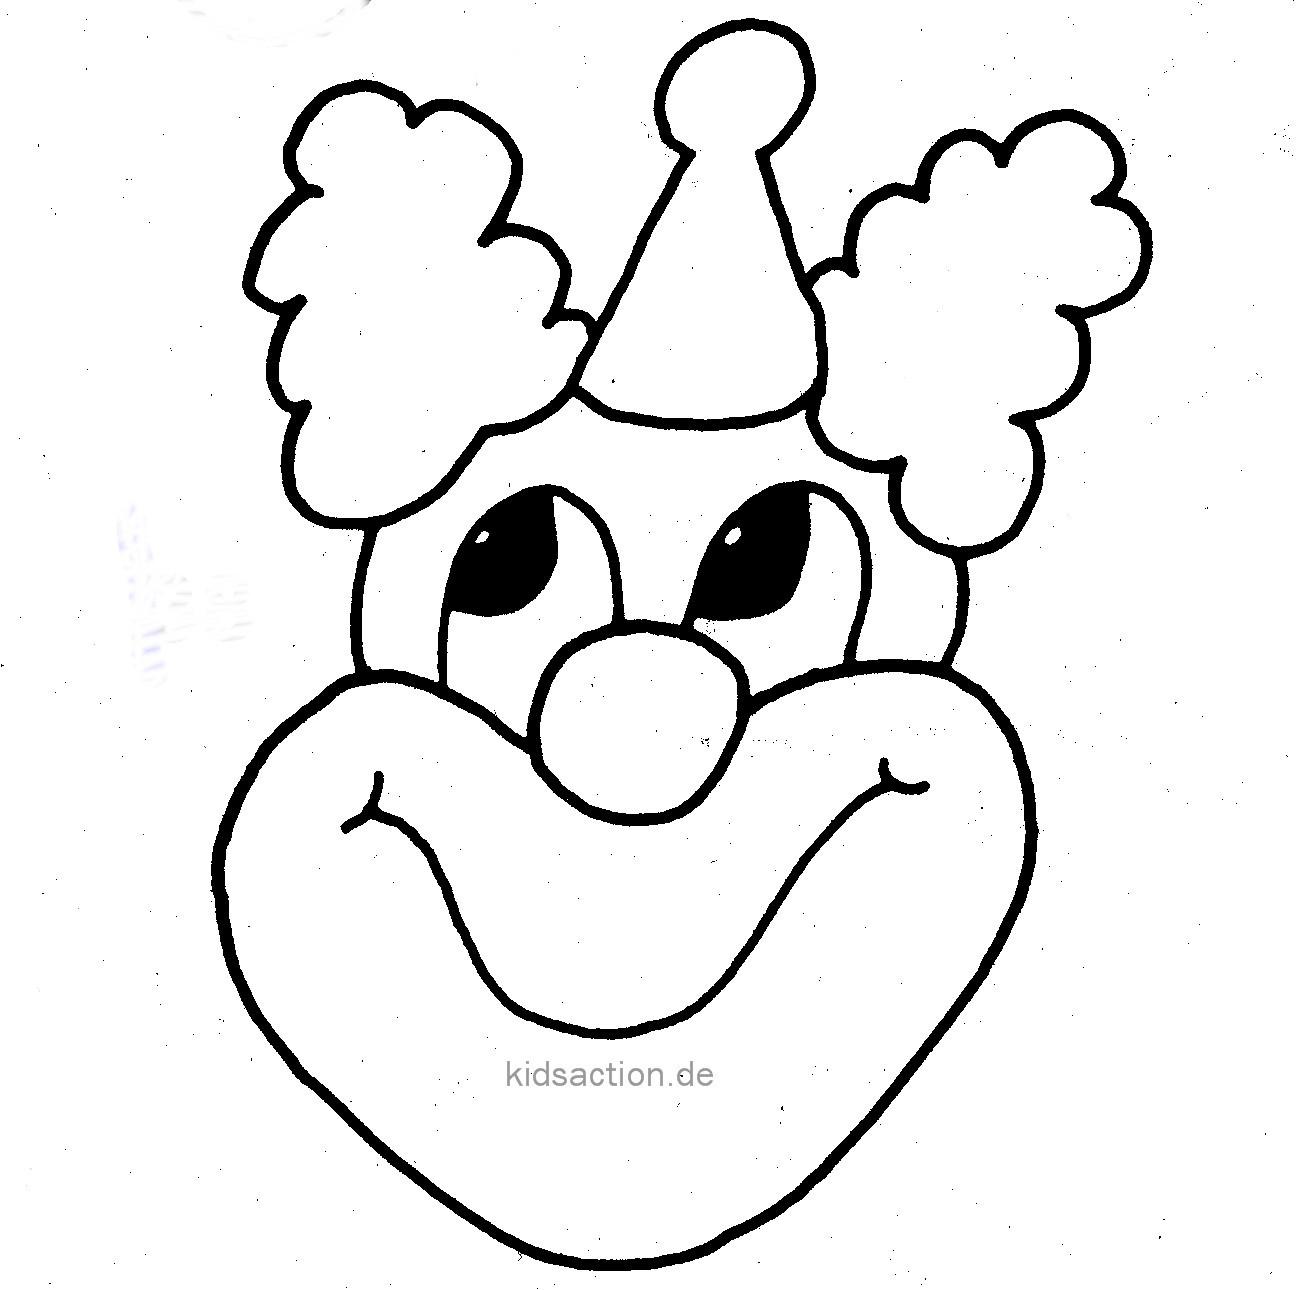 Fasching Ausmalbilder Clown Das Beste Von Malvorlagen Clown Frisch 15 Malvorlagen Clowns Ausdrucken Elegant Fotos